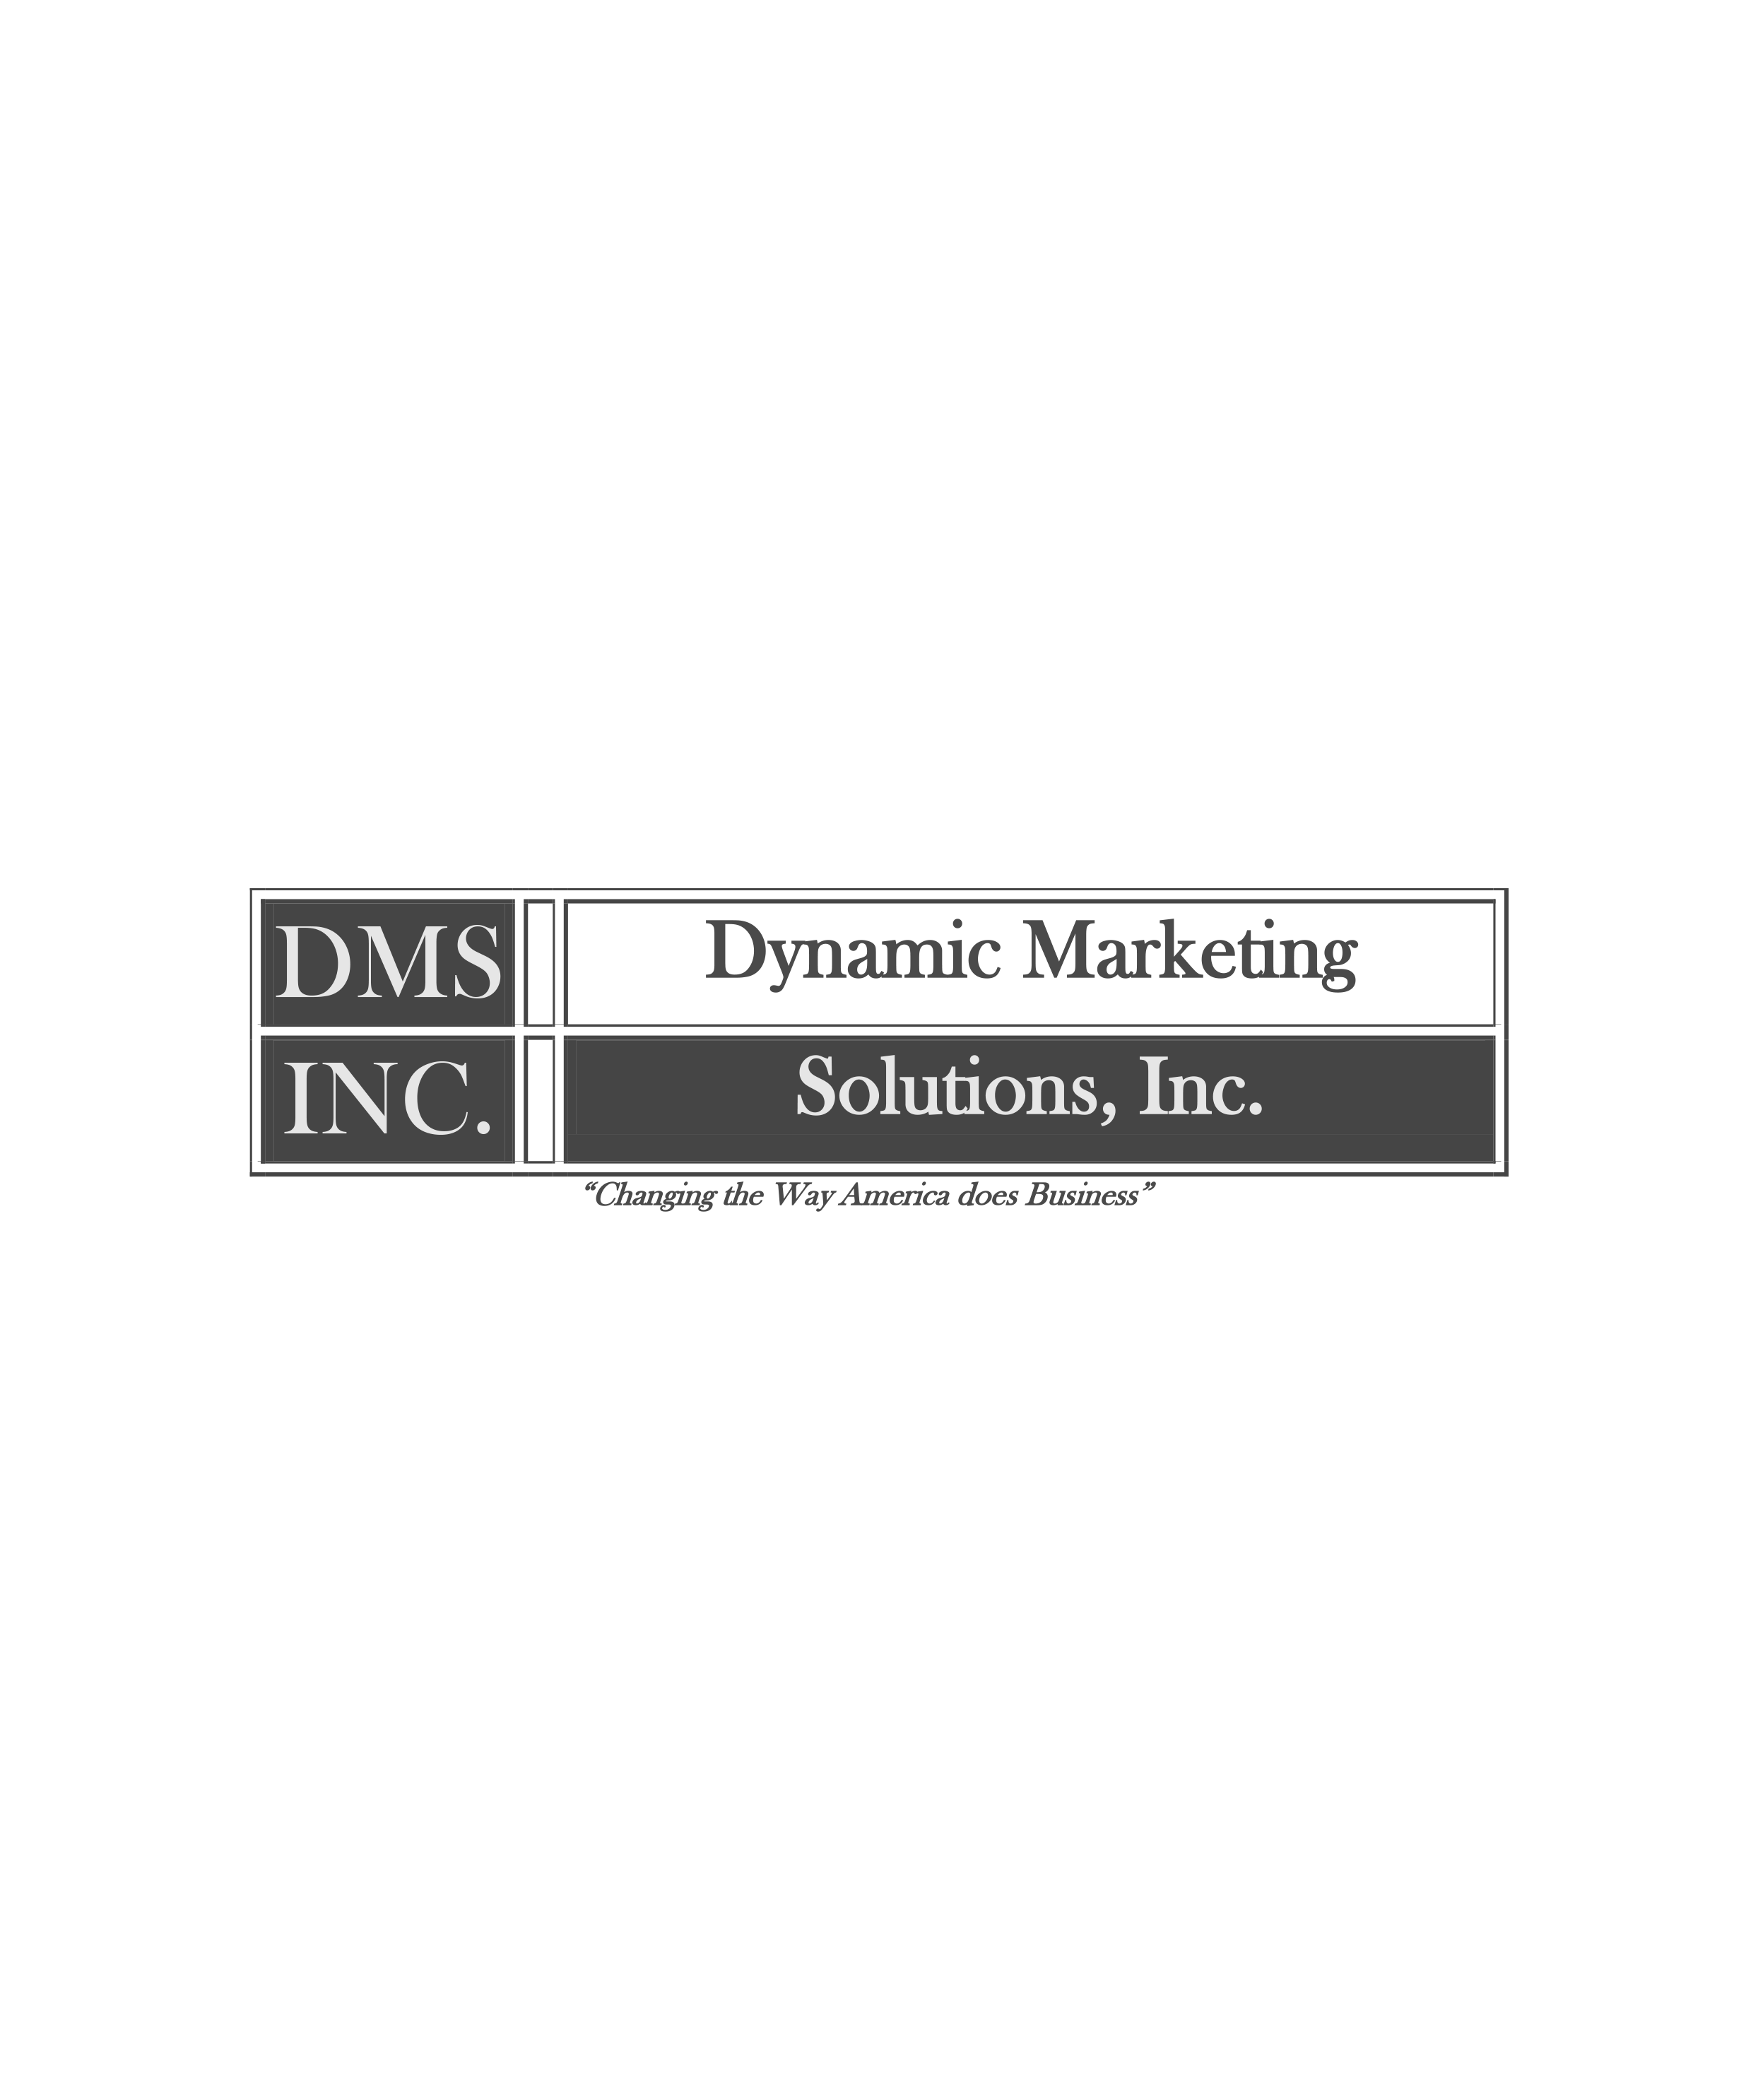 DMS - Letterhead Master